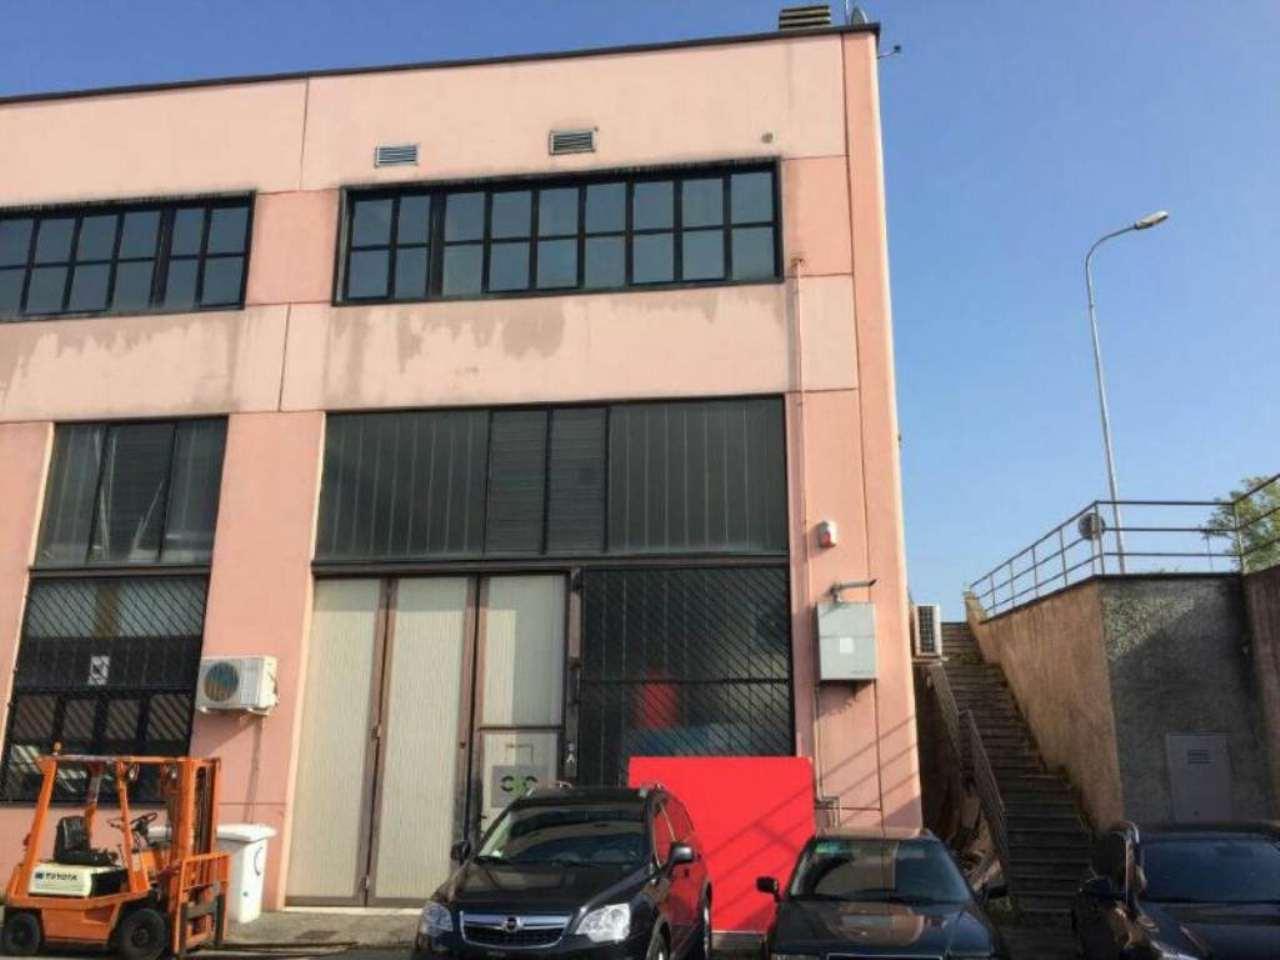 Capannone in vendita a Cassano d'Adda, 9999 locali, prezzo € 210.000 | CambioCasa.it